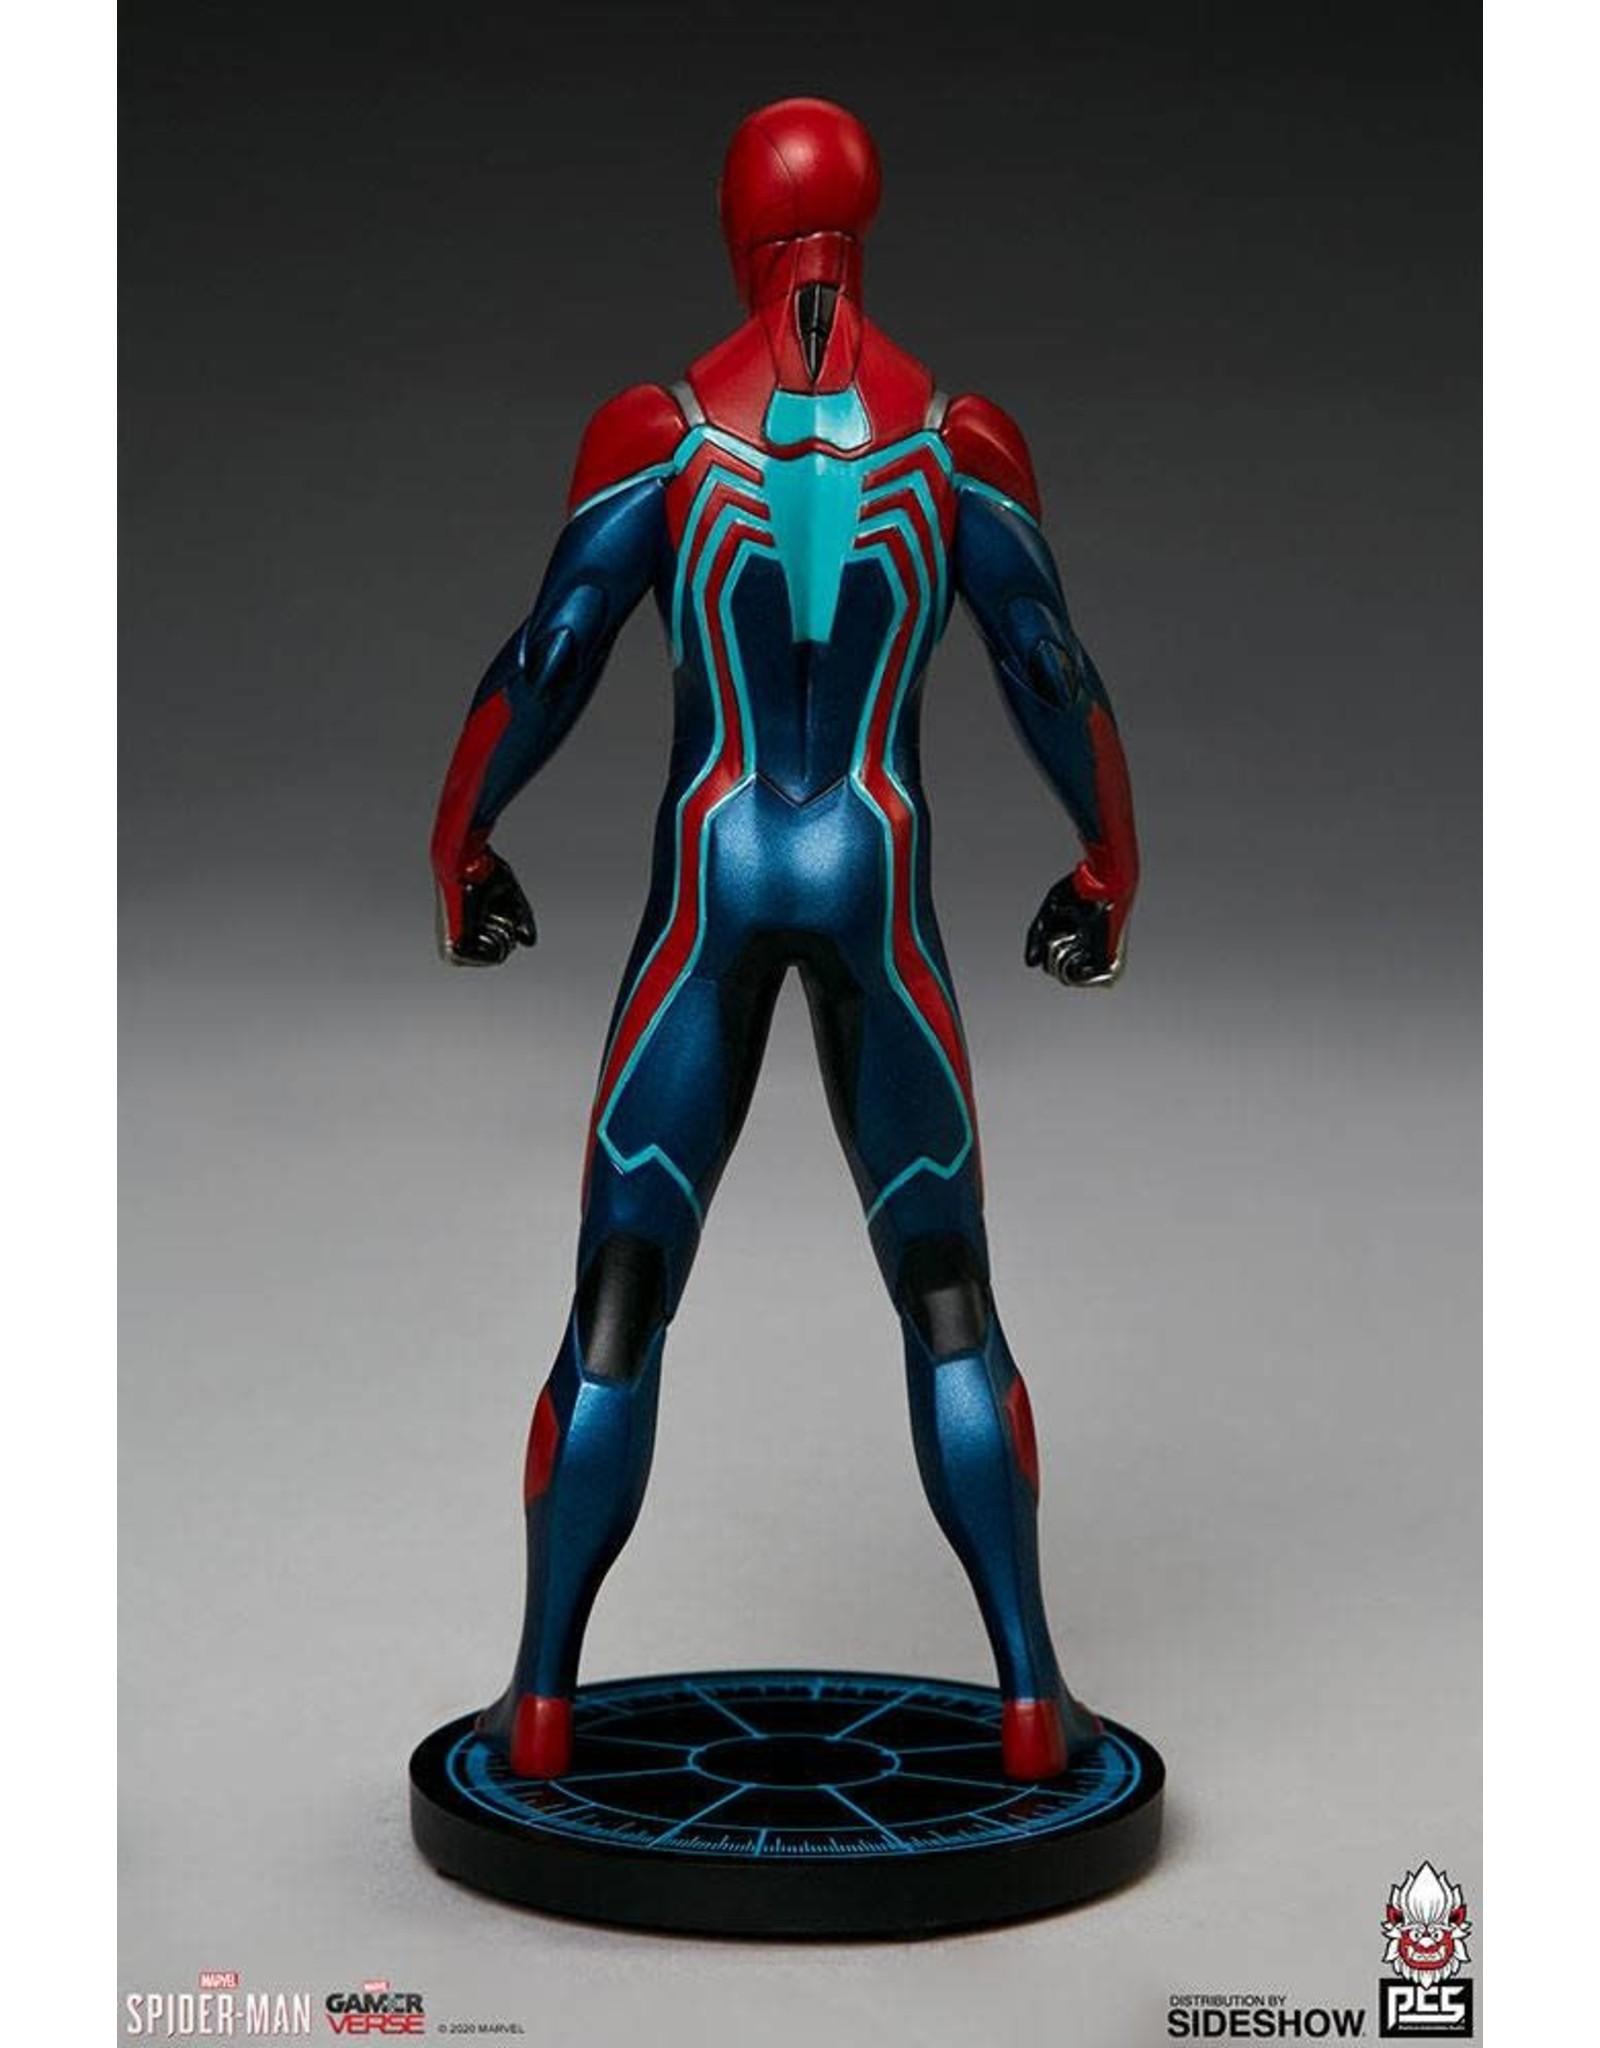 PCS Collectibles SPIDER-MAN Statue 1/10 Scale 19cm - Velocity Suit